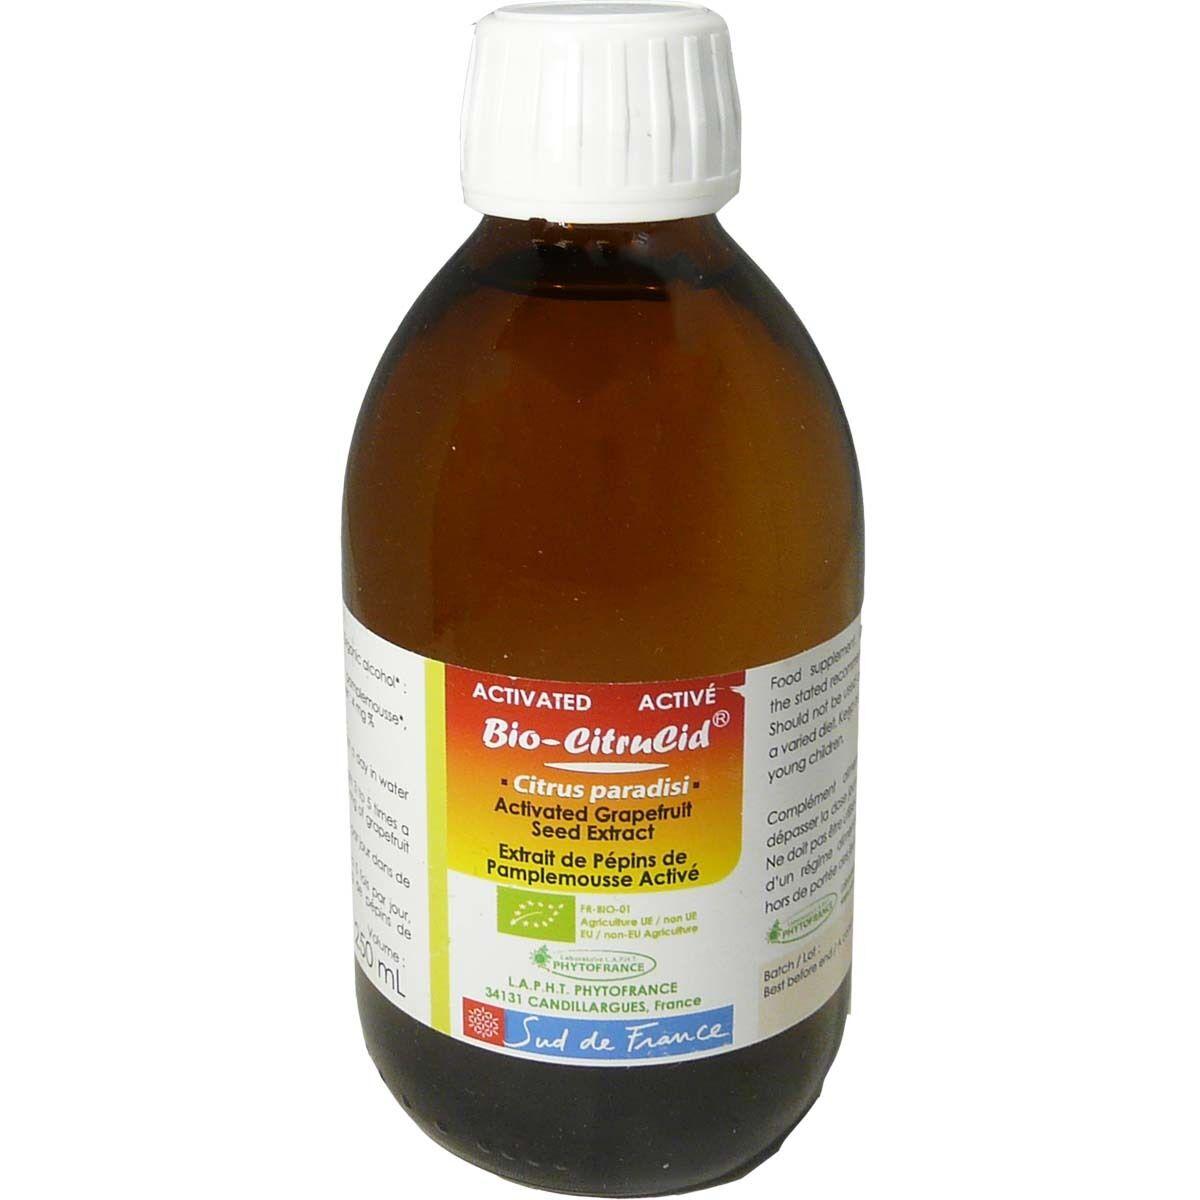 DIVERS Bio-citrucid extrait de pepin de pamplemousse 250ml